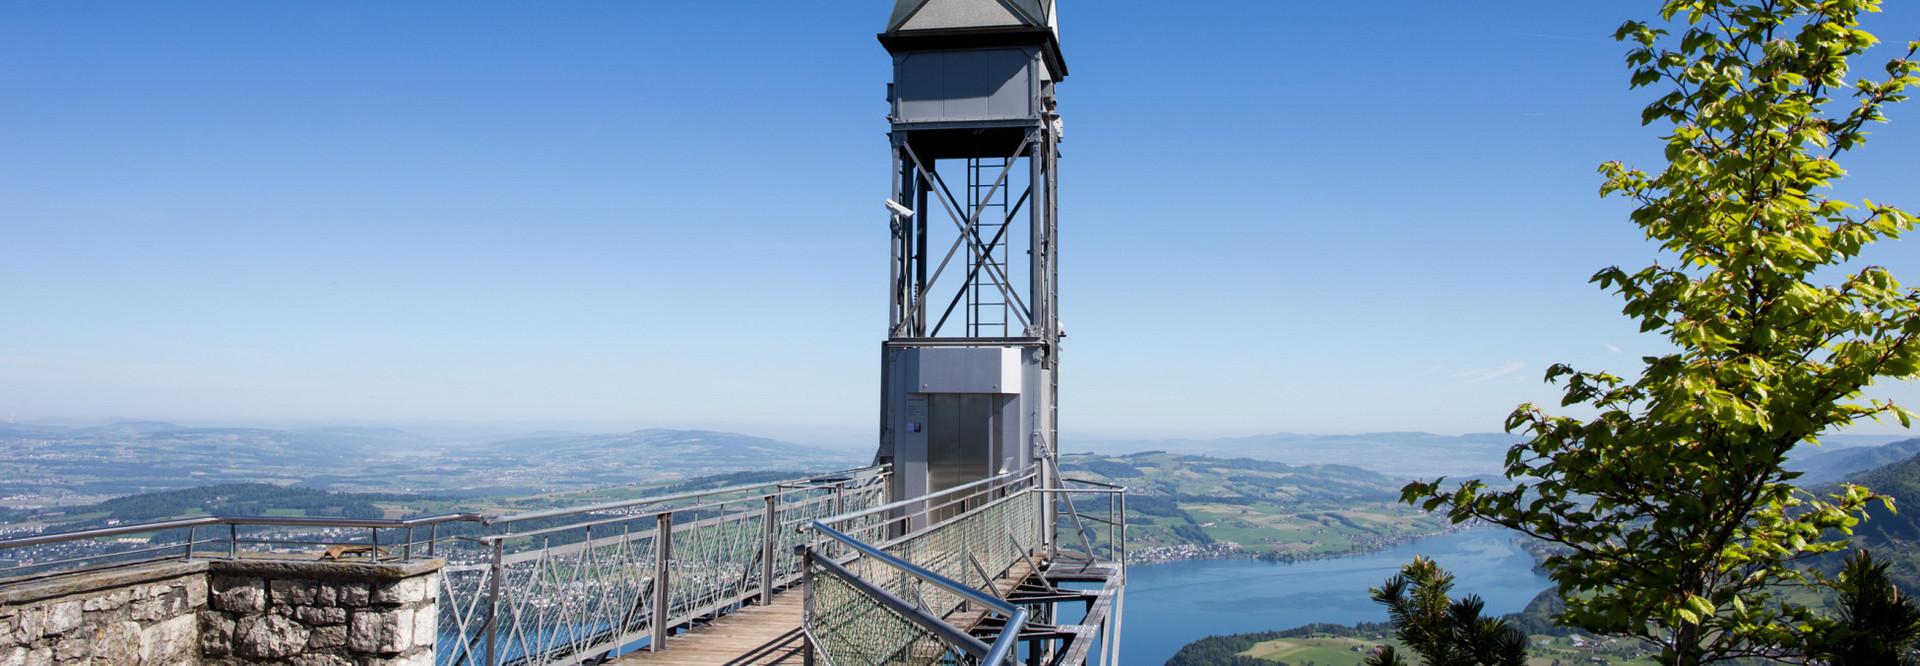 der letzte Abschnitt vom Hammetschwand Lift und eine kleine Aussichtsplattform ist zu sehen. Im Hintergrund ist der Vierwaldstättersee